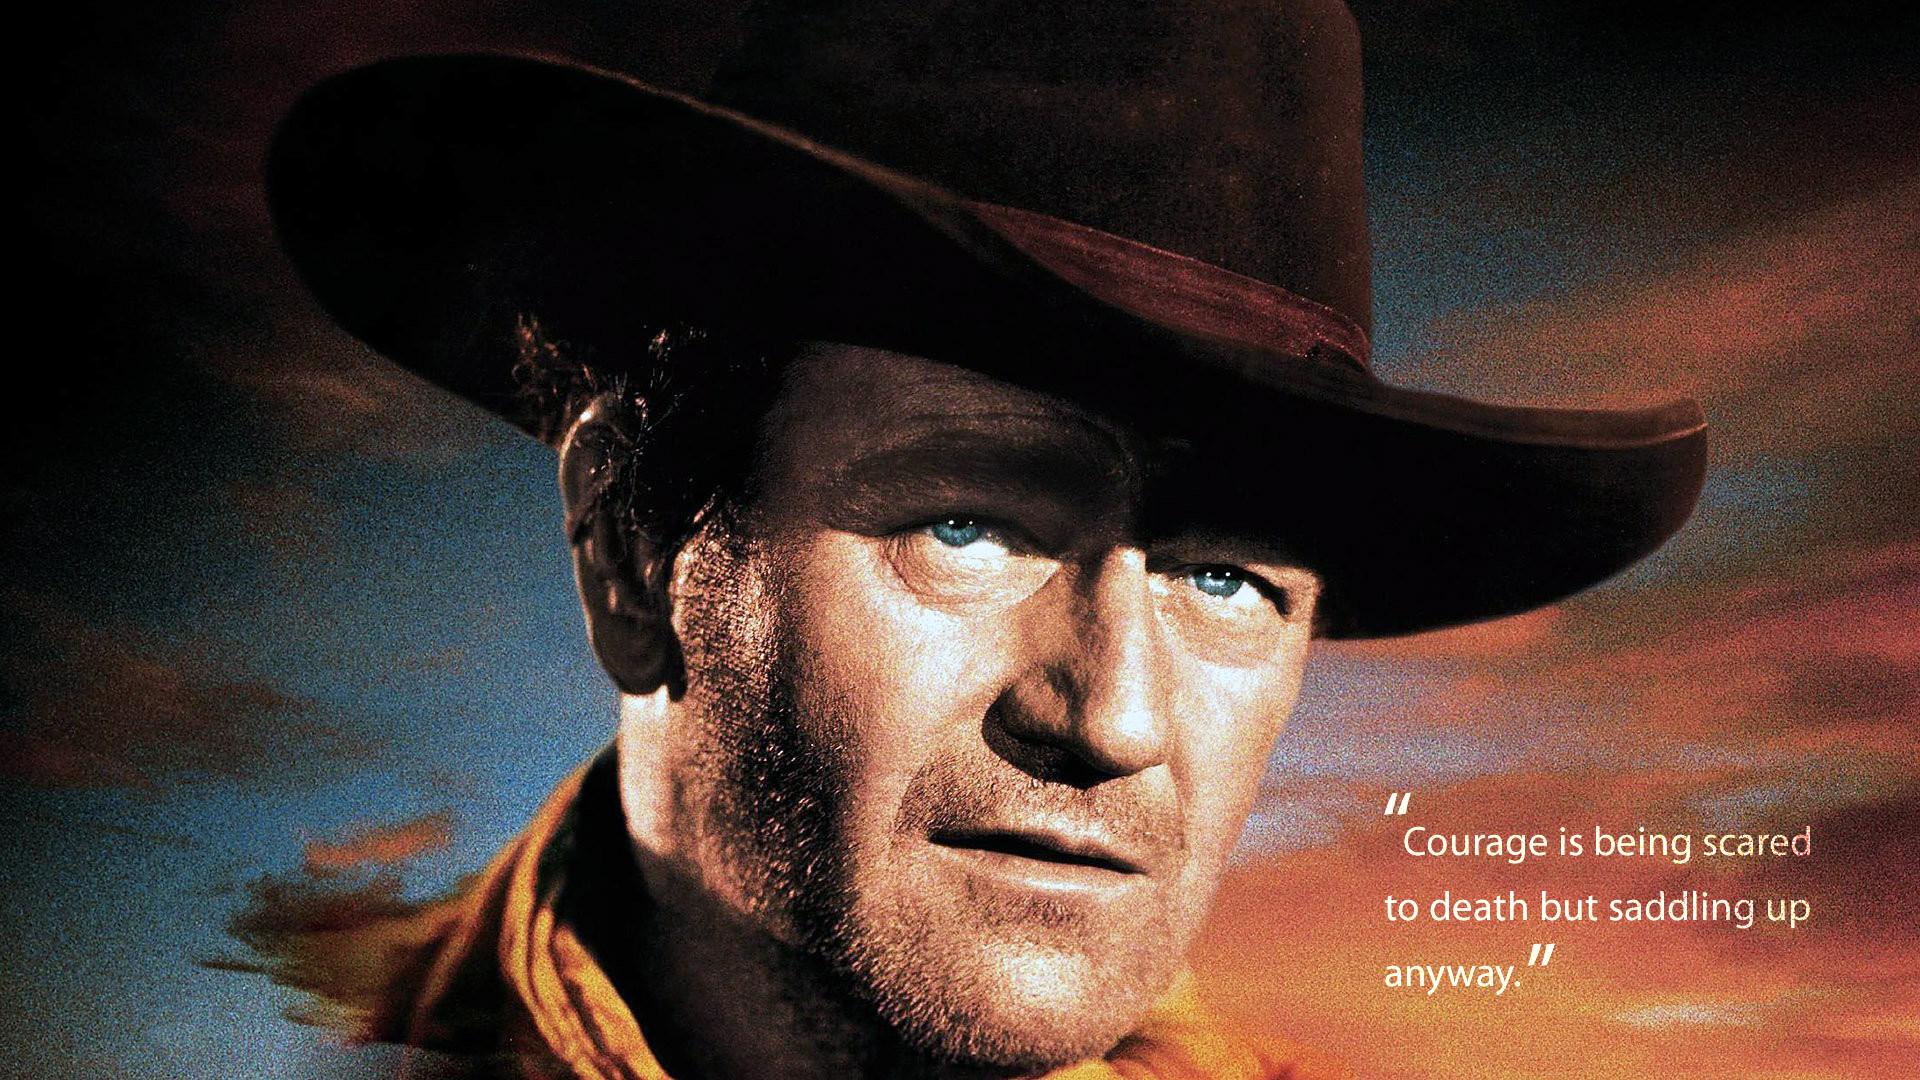 John-Wayne-quote_www.fullhdwpp.com_